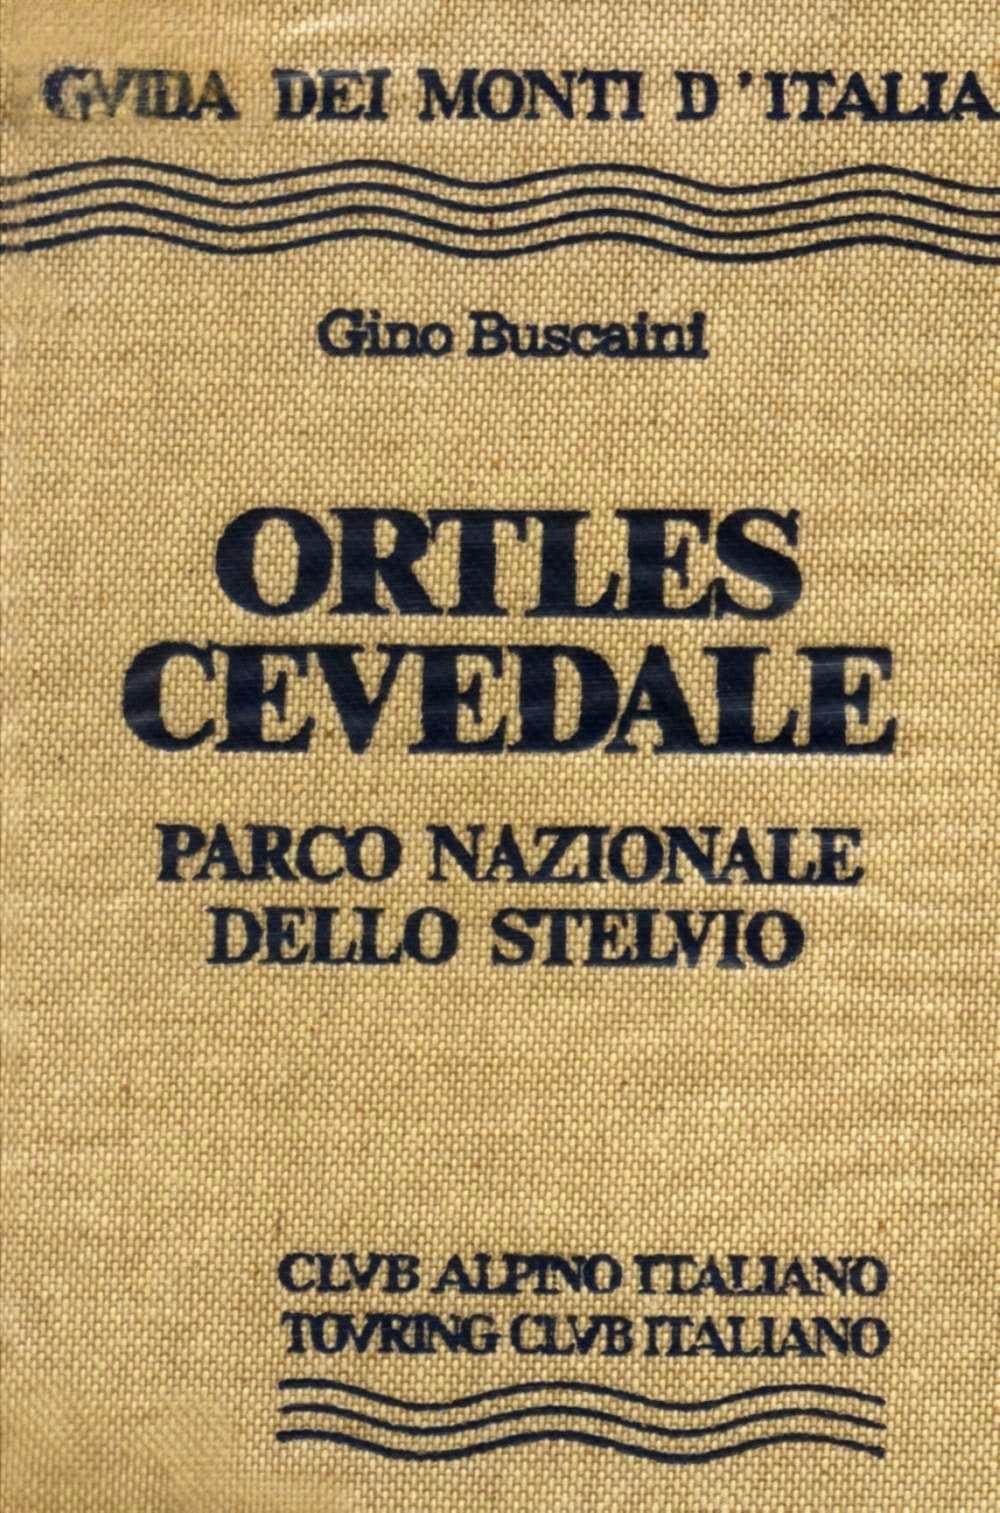 Ortles Cevedale guidebook